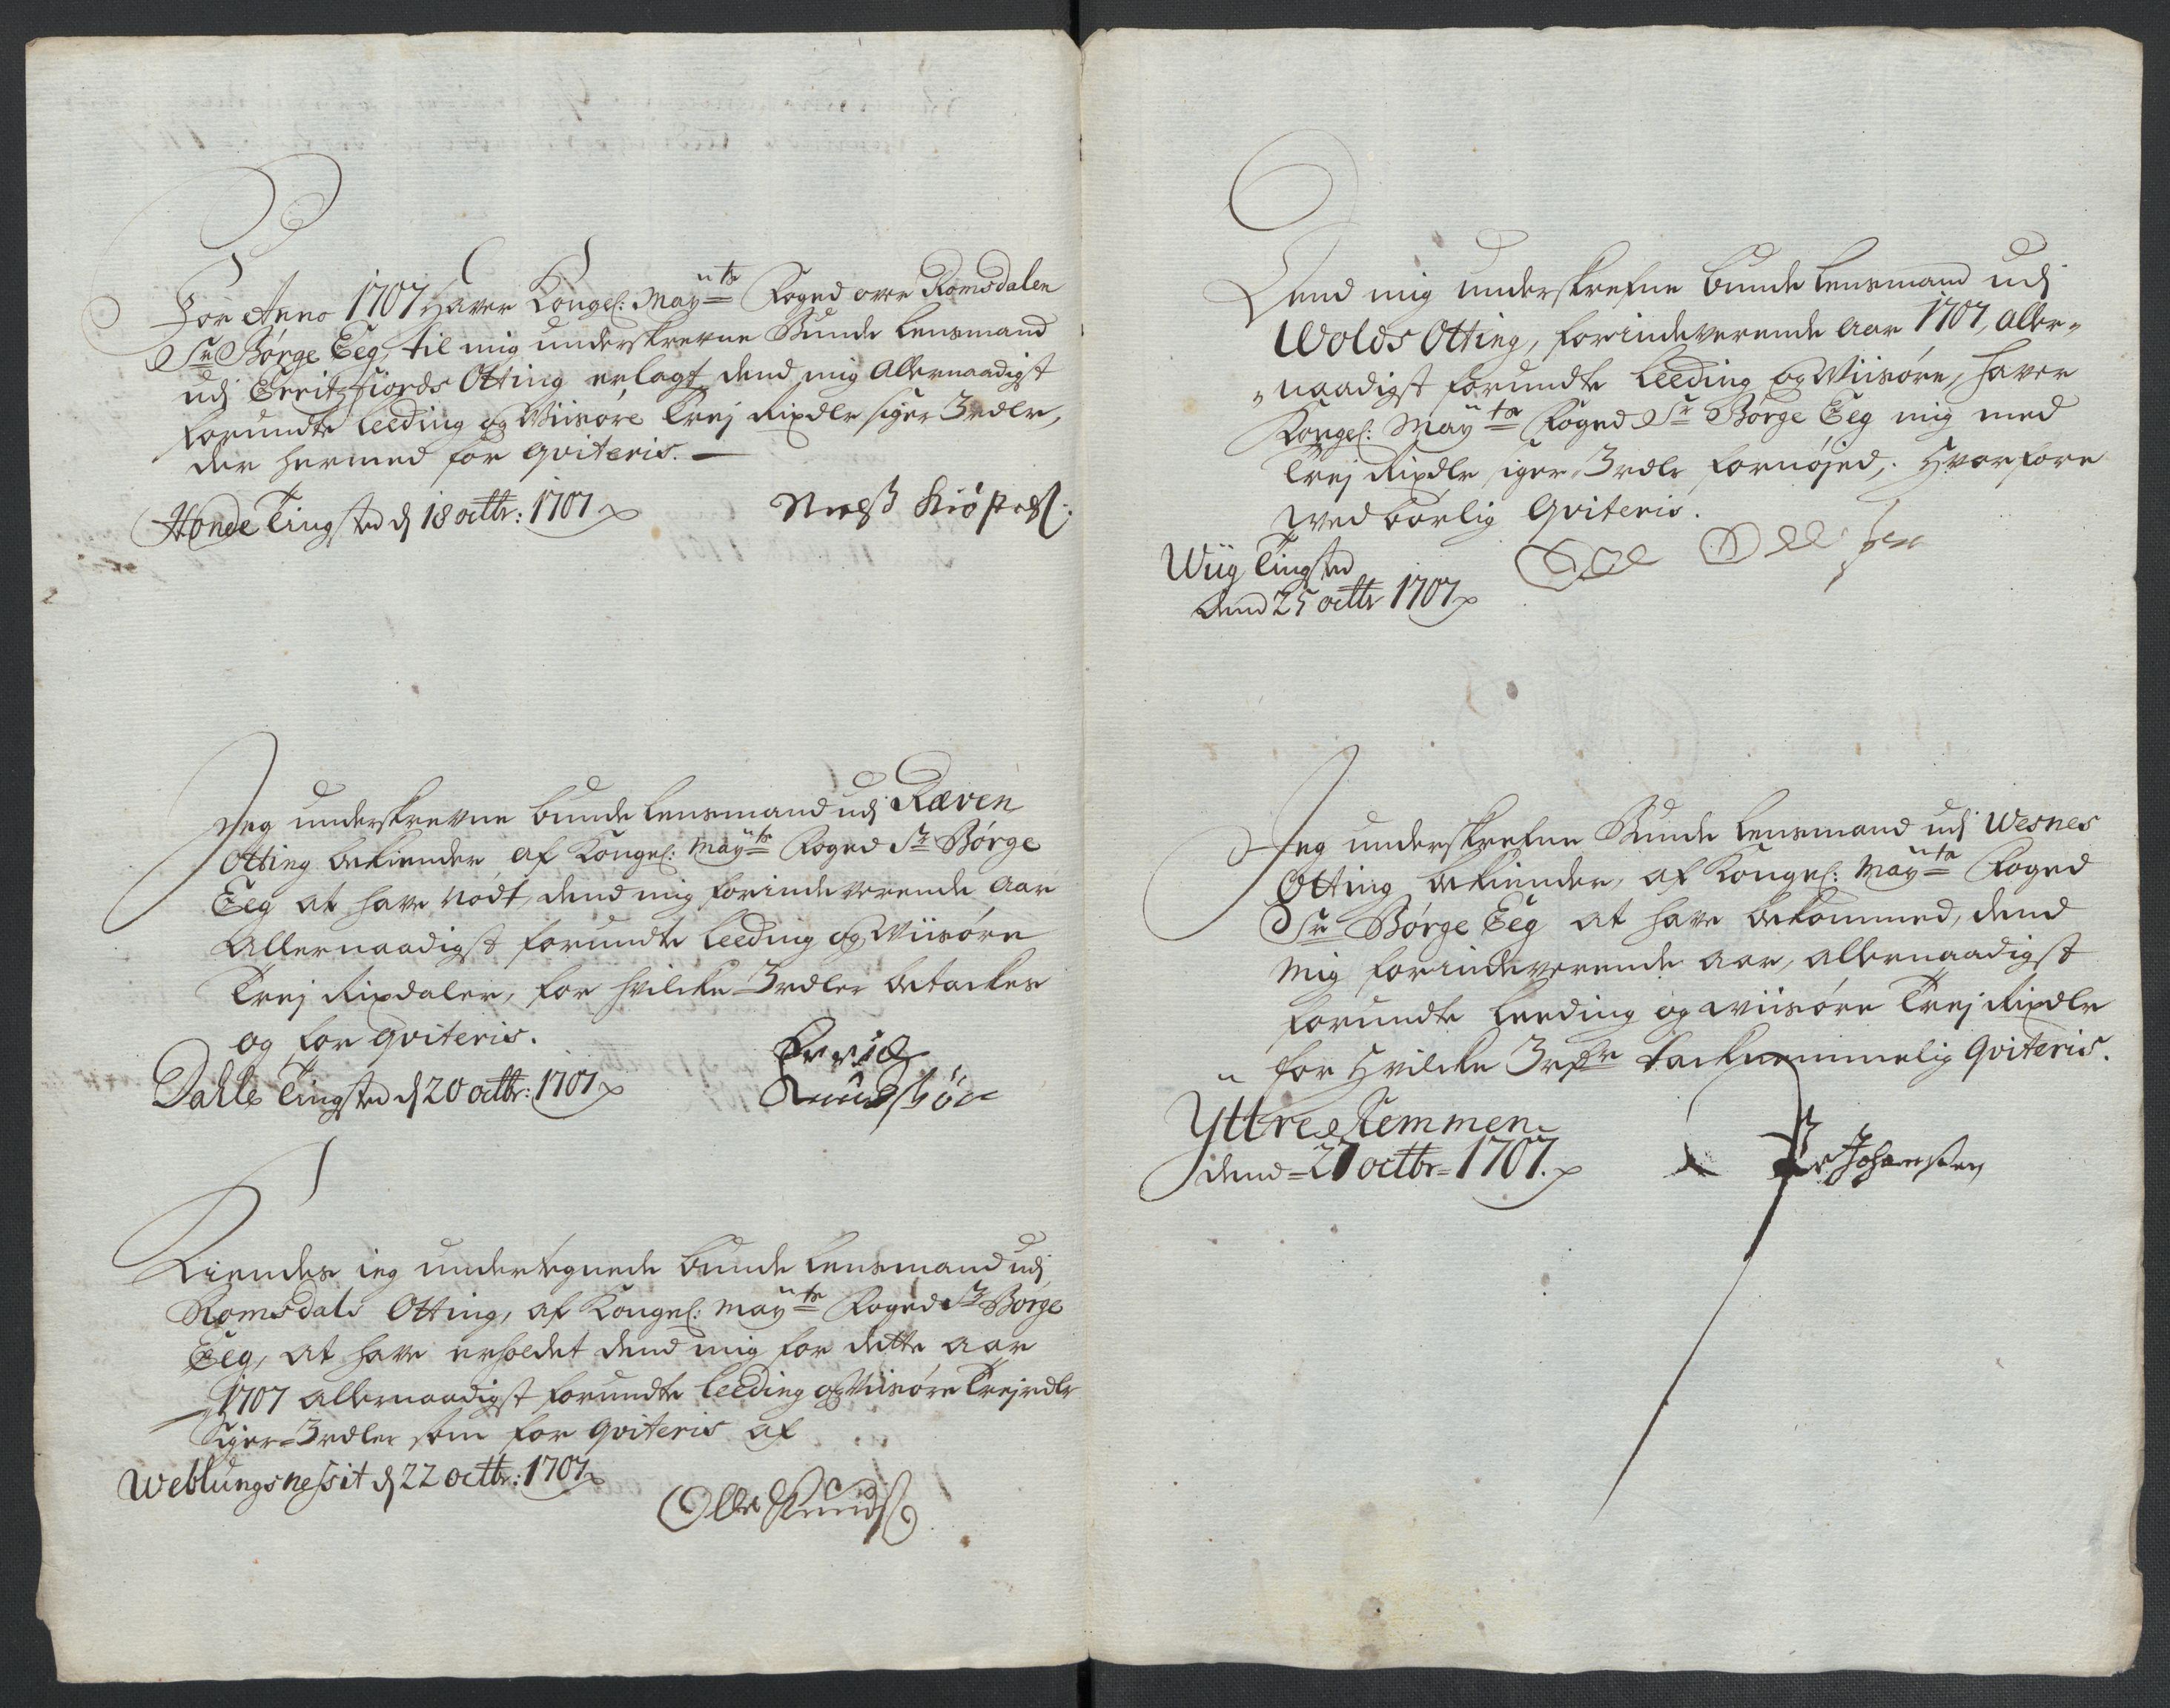 RA, Rentekammeret inntil 1814, Reviderte regnskaper, Fogderegnskap, R55/L3658: Fogderegnskap Romsdal, 1707-1708, s. 148